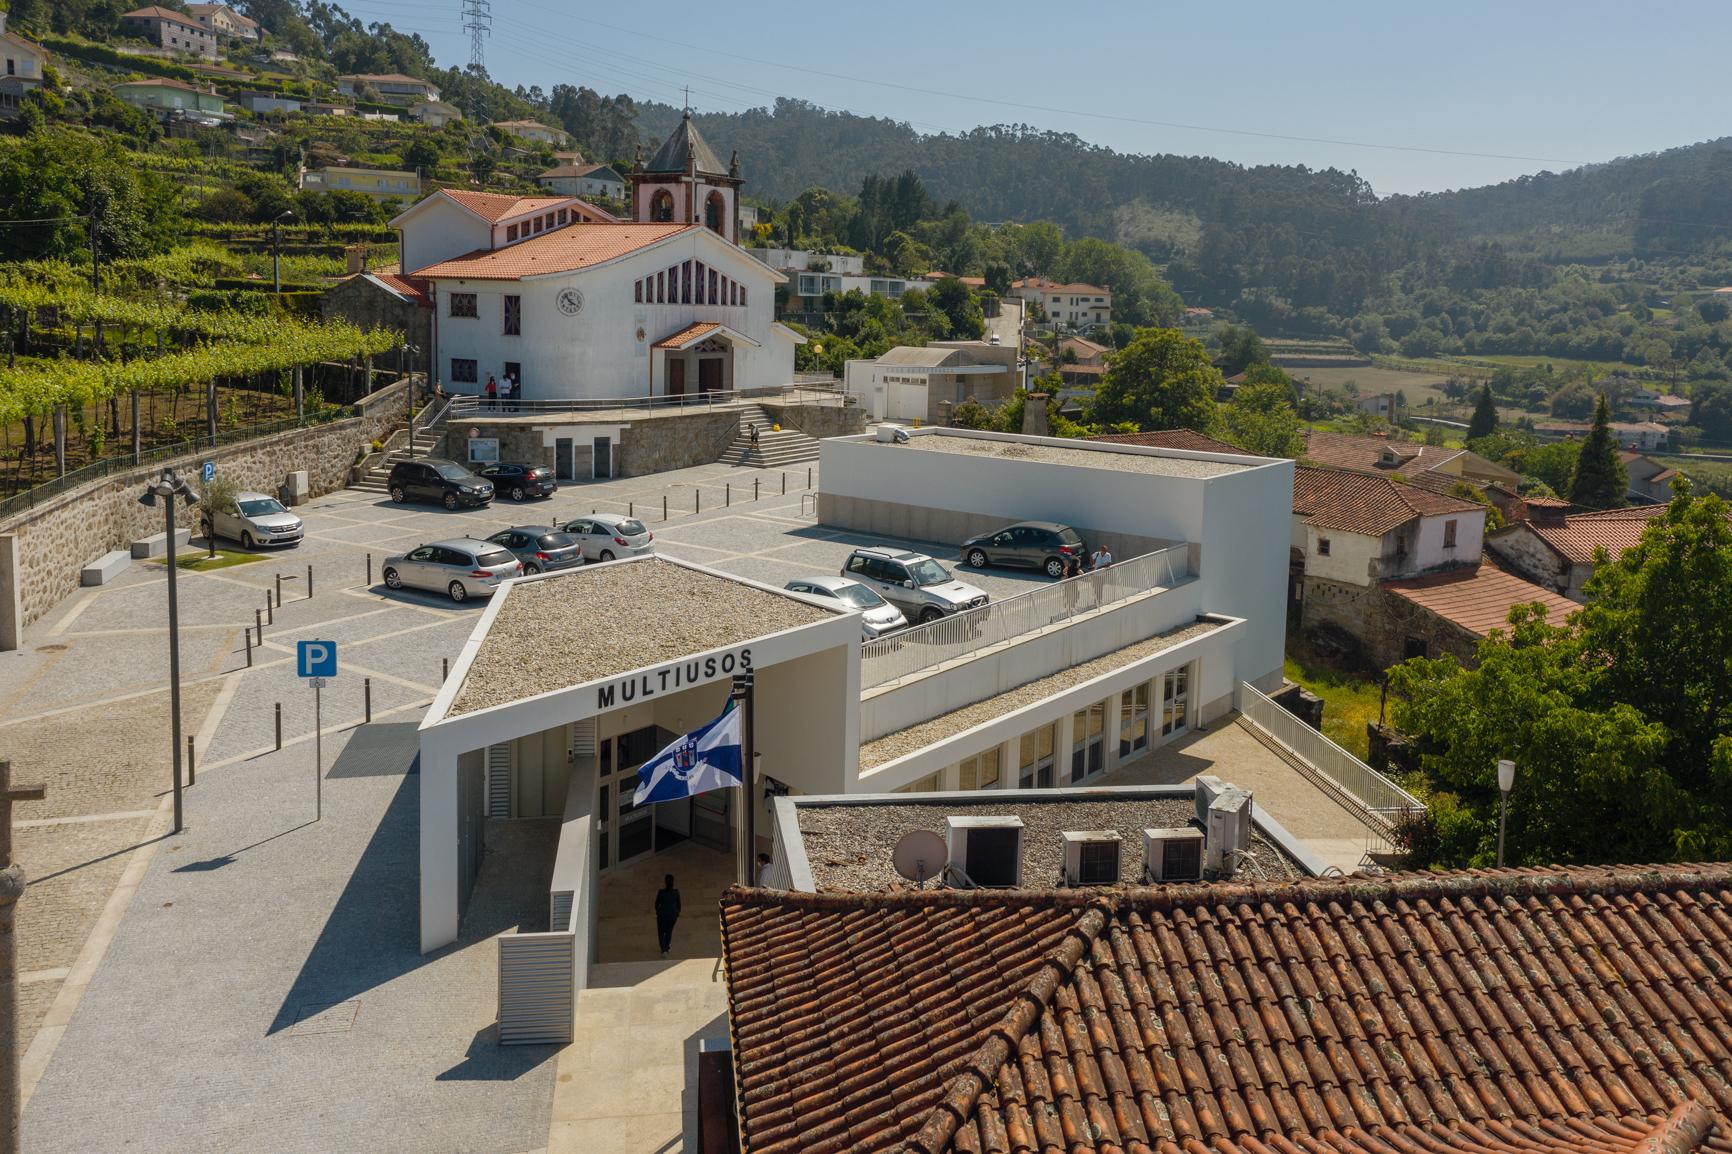 """Câmara de Braga investe 600 mil euros em multiusos """"estruturante"""" para população de três freguesias"""